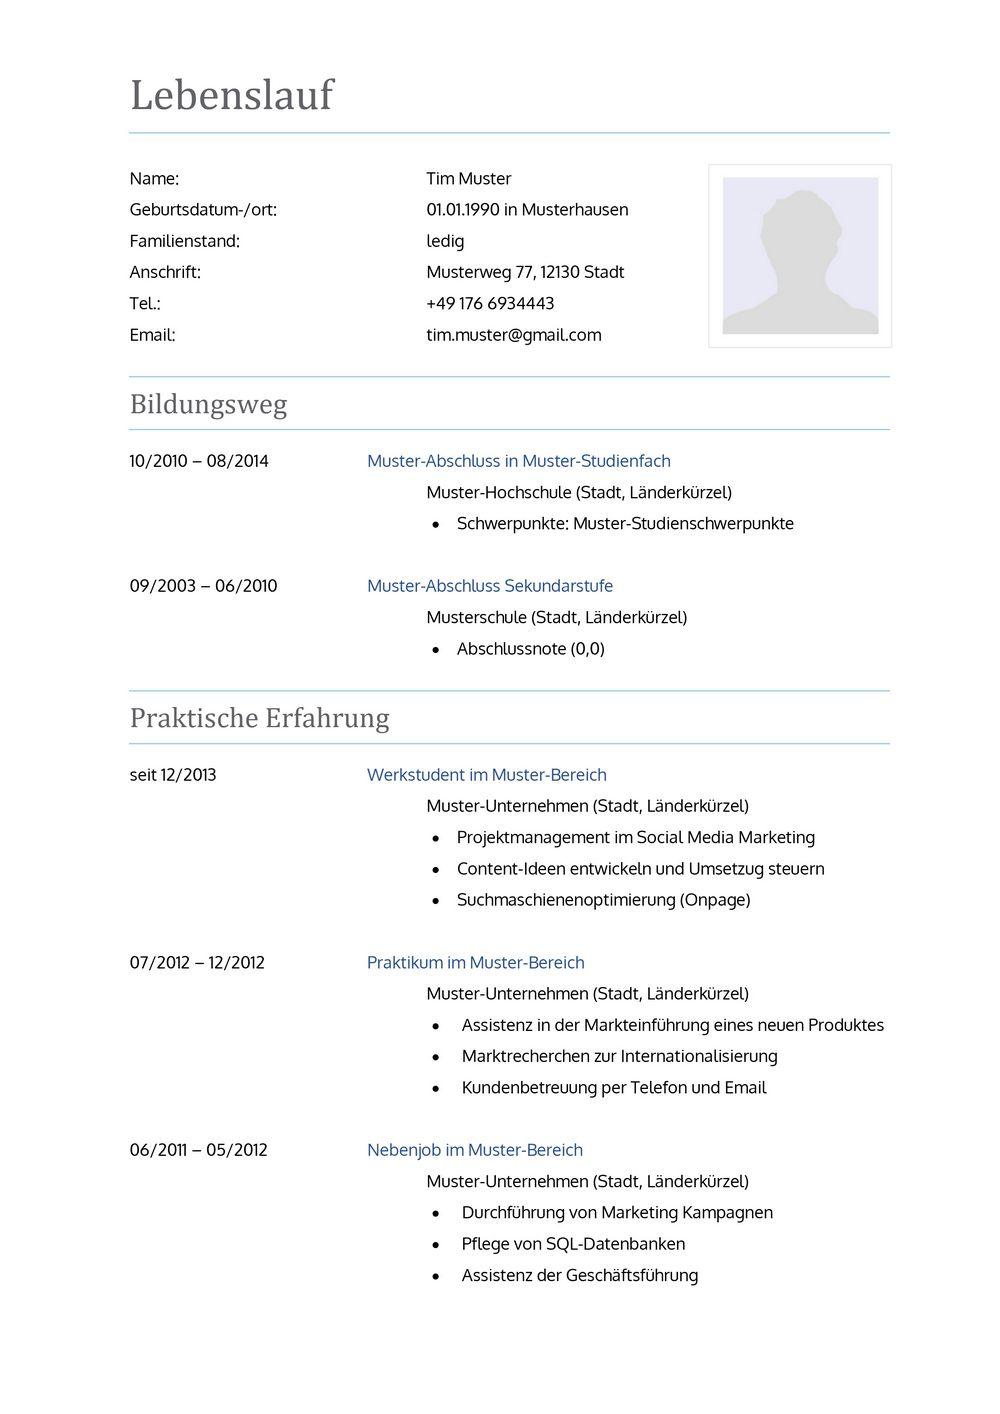 Lebenslauf Muster für Krankenpfleger | Lebenslauf Designs